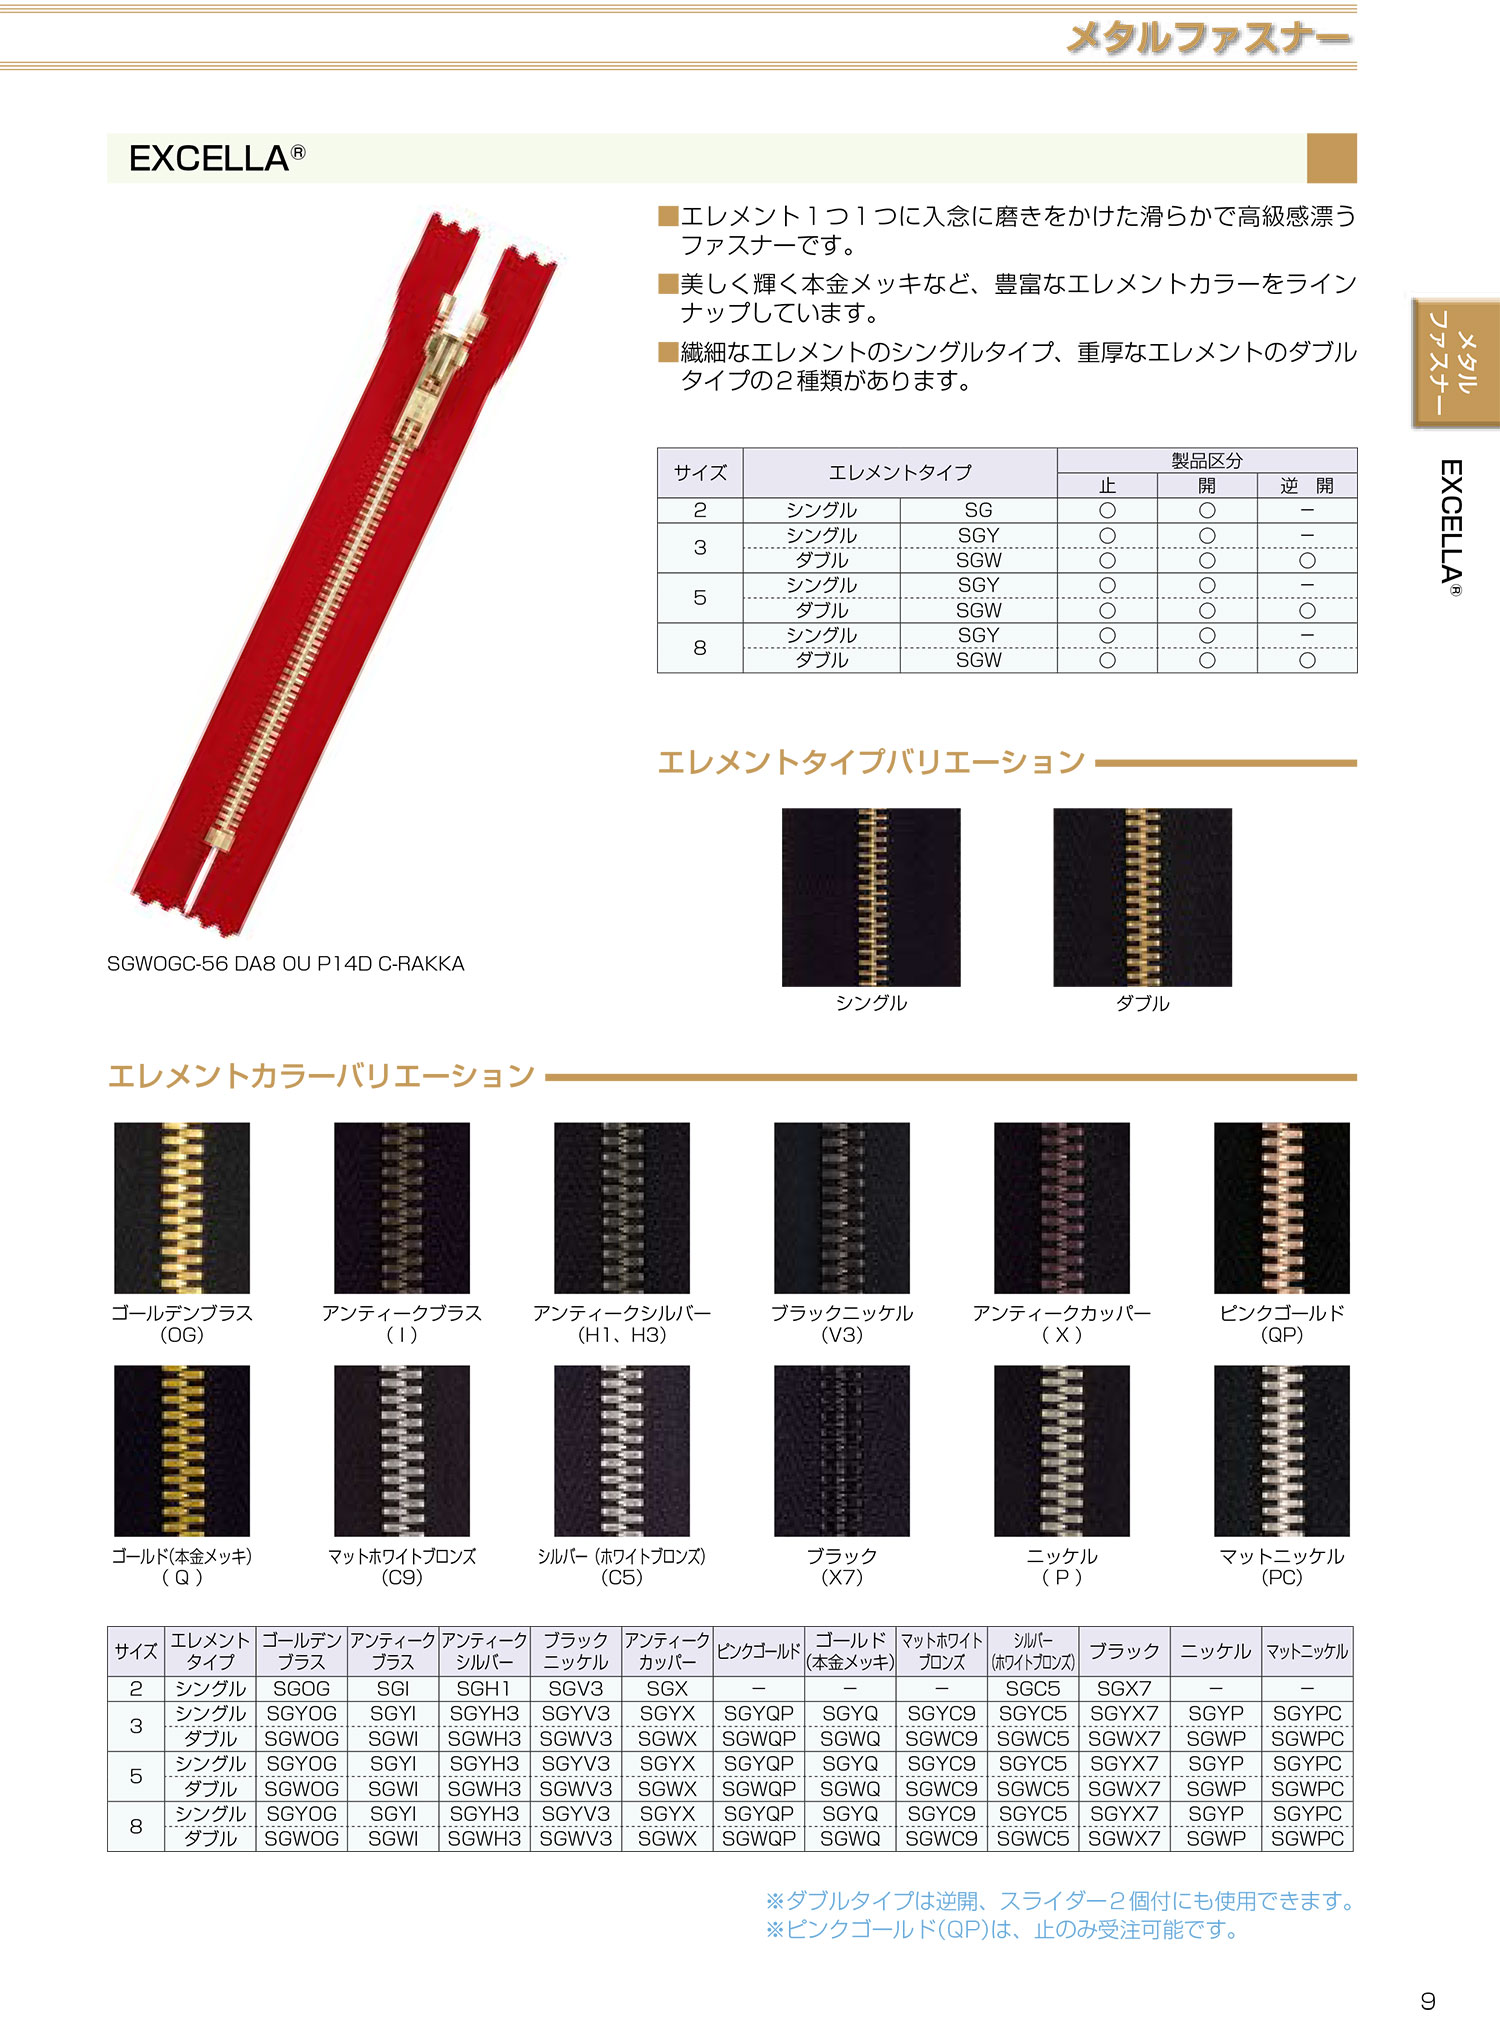 3SGYC5OR エクセラ 3サイズ シルバー(ホワイトブロンズ) オープン シングル[ファスナー] YKK/オークラ商事 - ApparelX アパレル資材卸通販